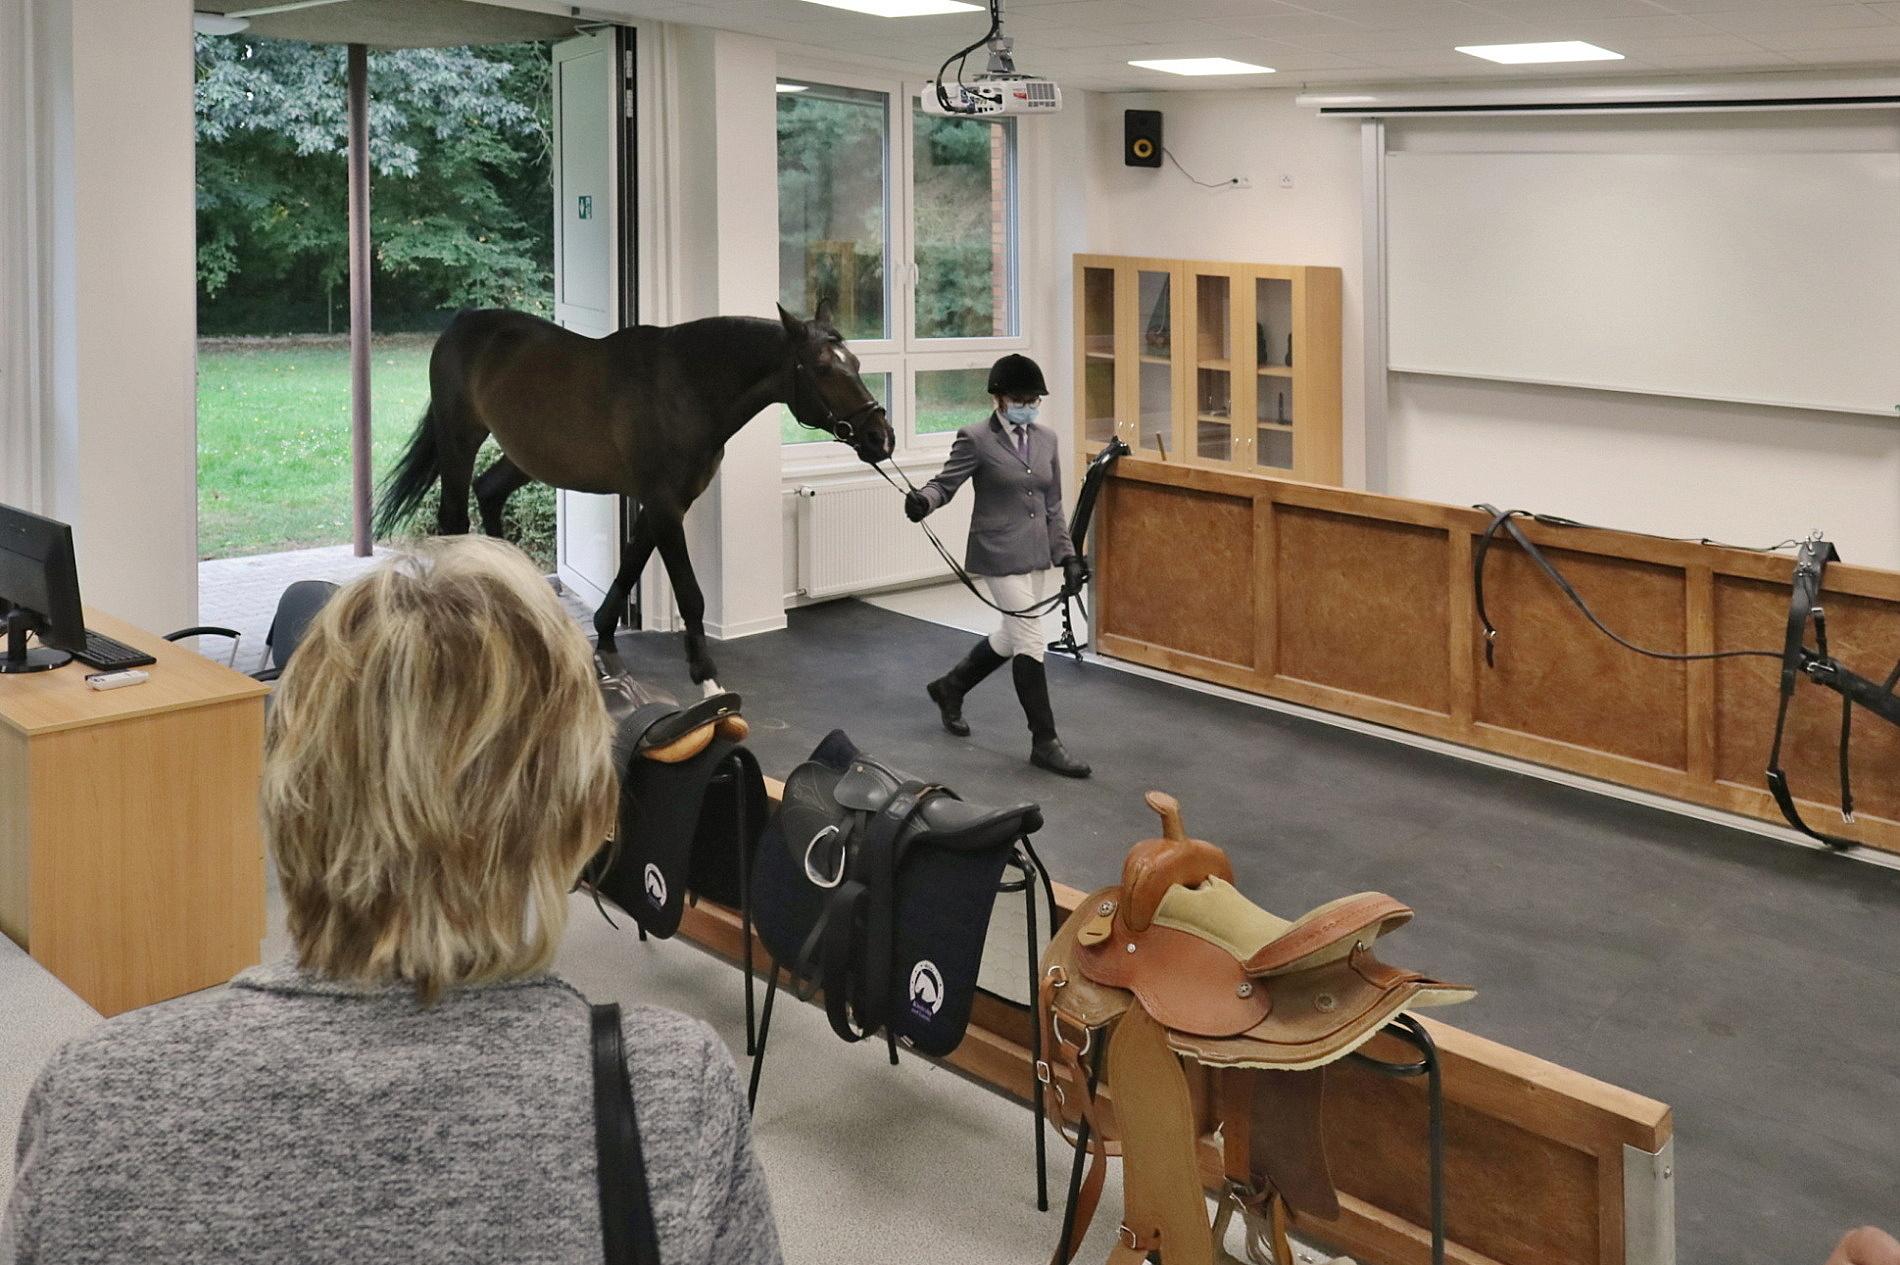 Střední škola chovu koní a jezdectví otevřela demonstrační učebnu